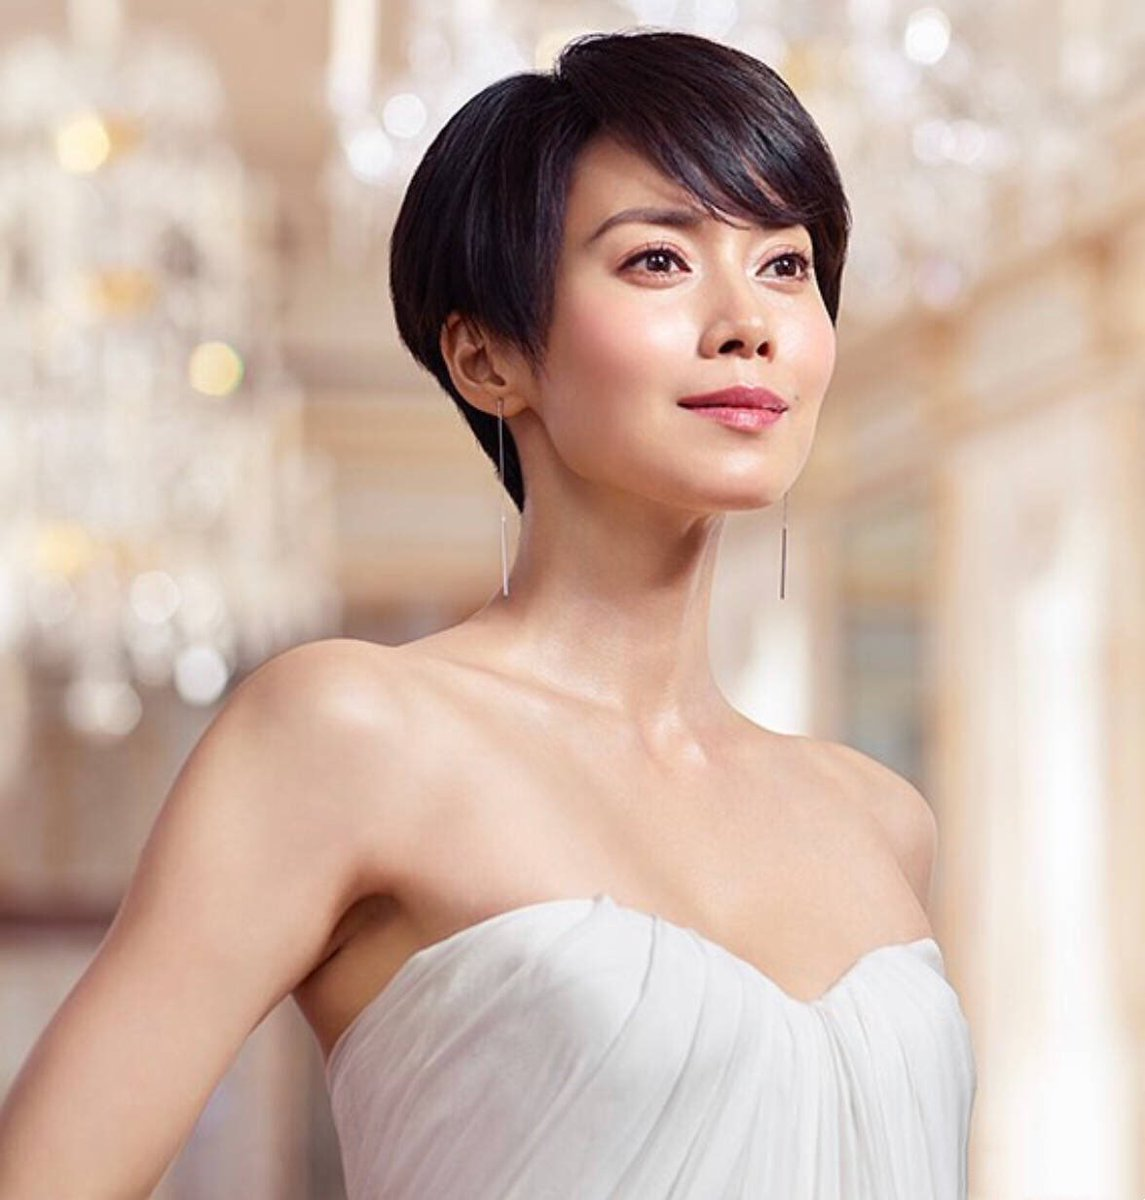 """Pokekara【公式】 a Twitter: """"#中谷美紀 #結婚おめでとう 『私 結婚 ..."""